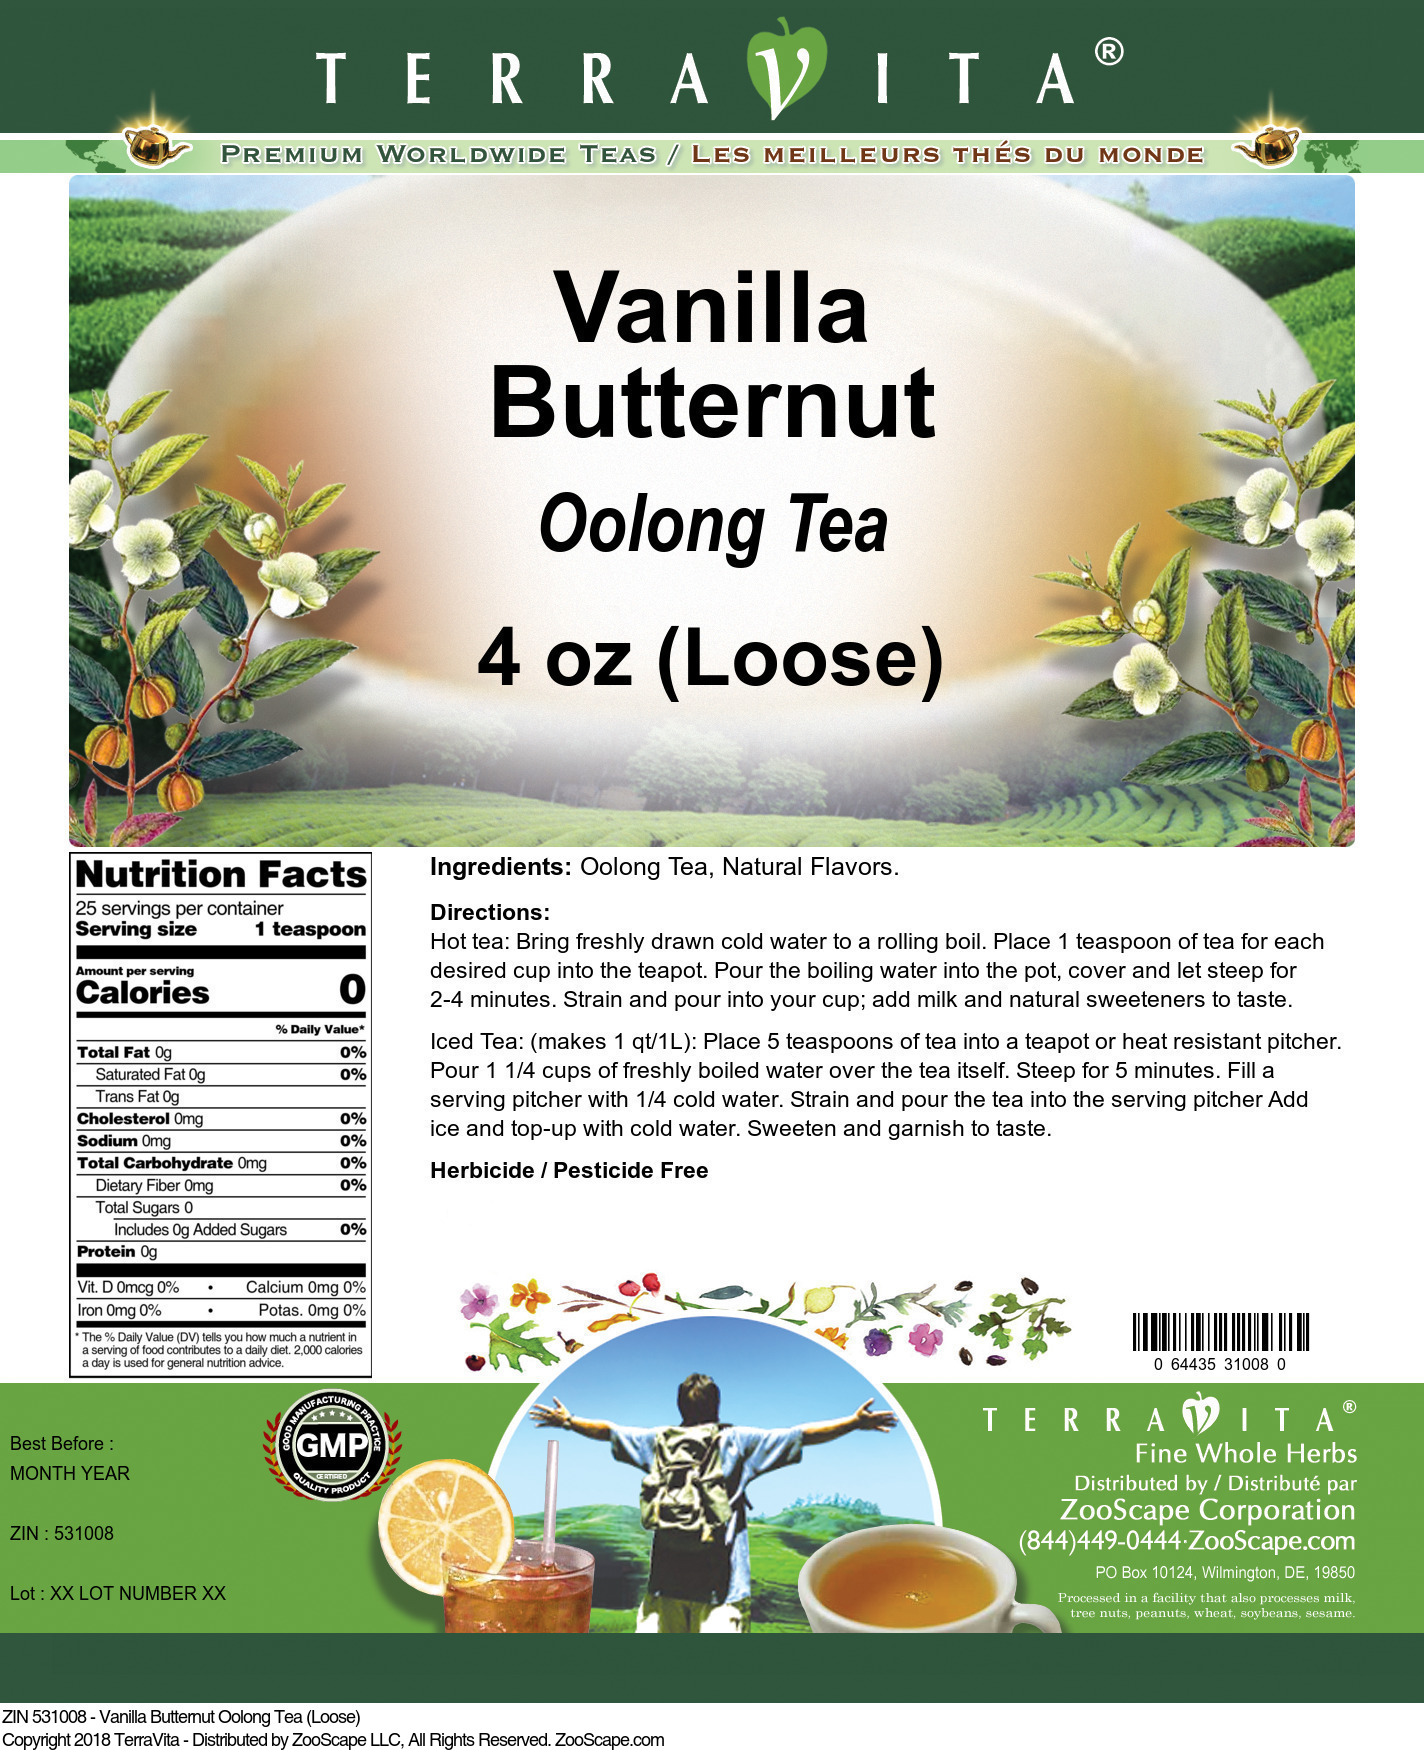 Vanilla Butternut Oolong Tea